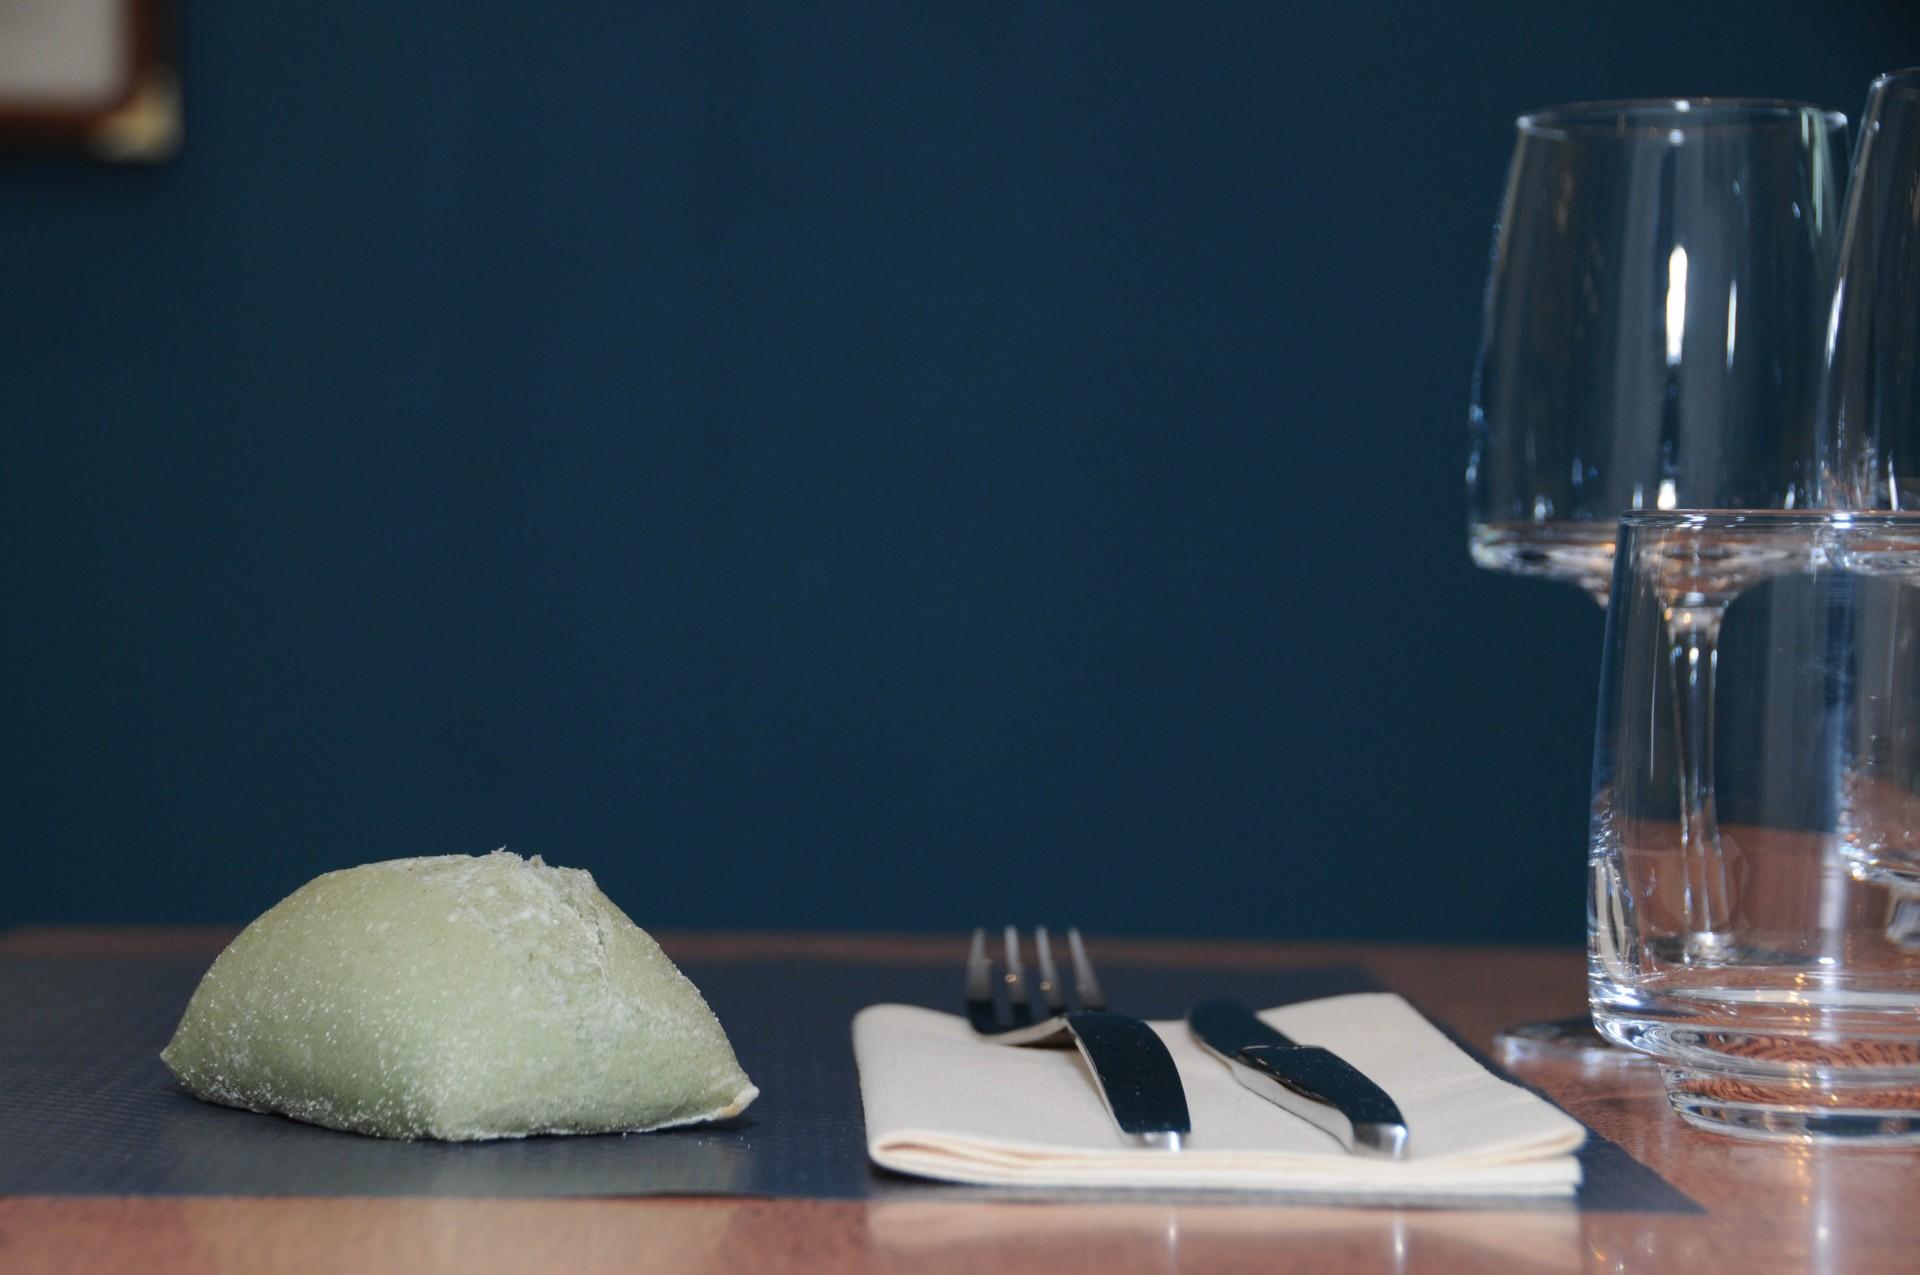 vend e mag restaurant la roche sur yon aux algues etc nouvelle formule cuisine base d 39 algues. Black Bedroom Furniture Sets. Home Design Ideas